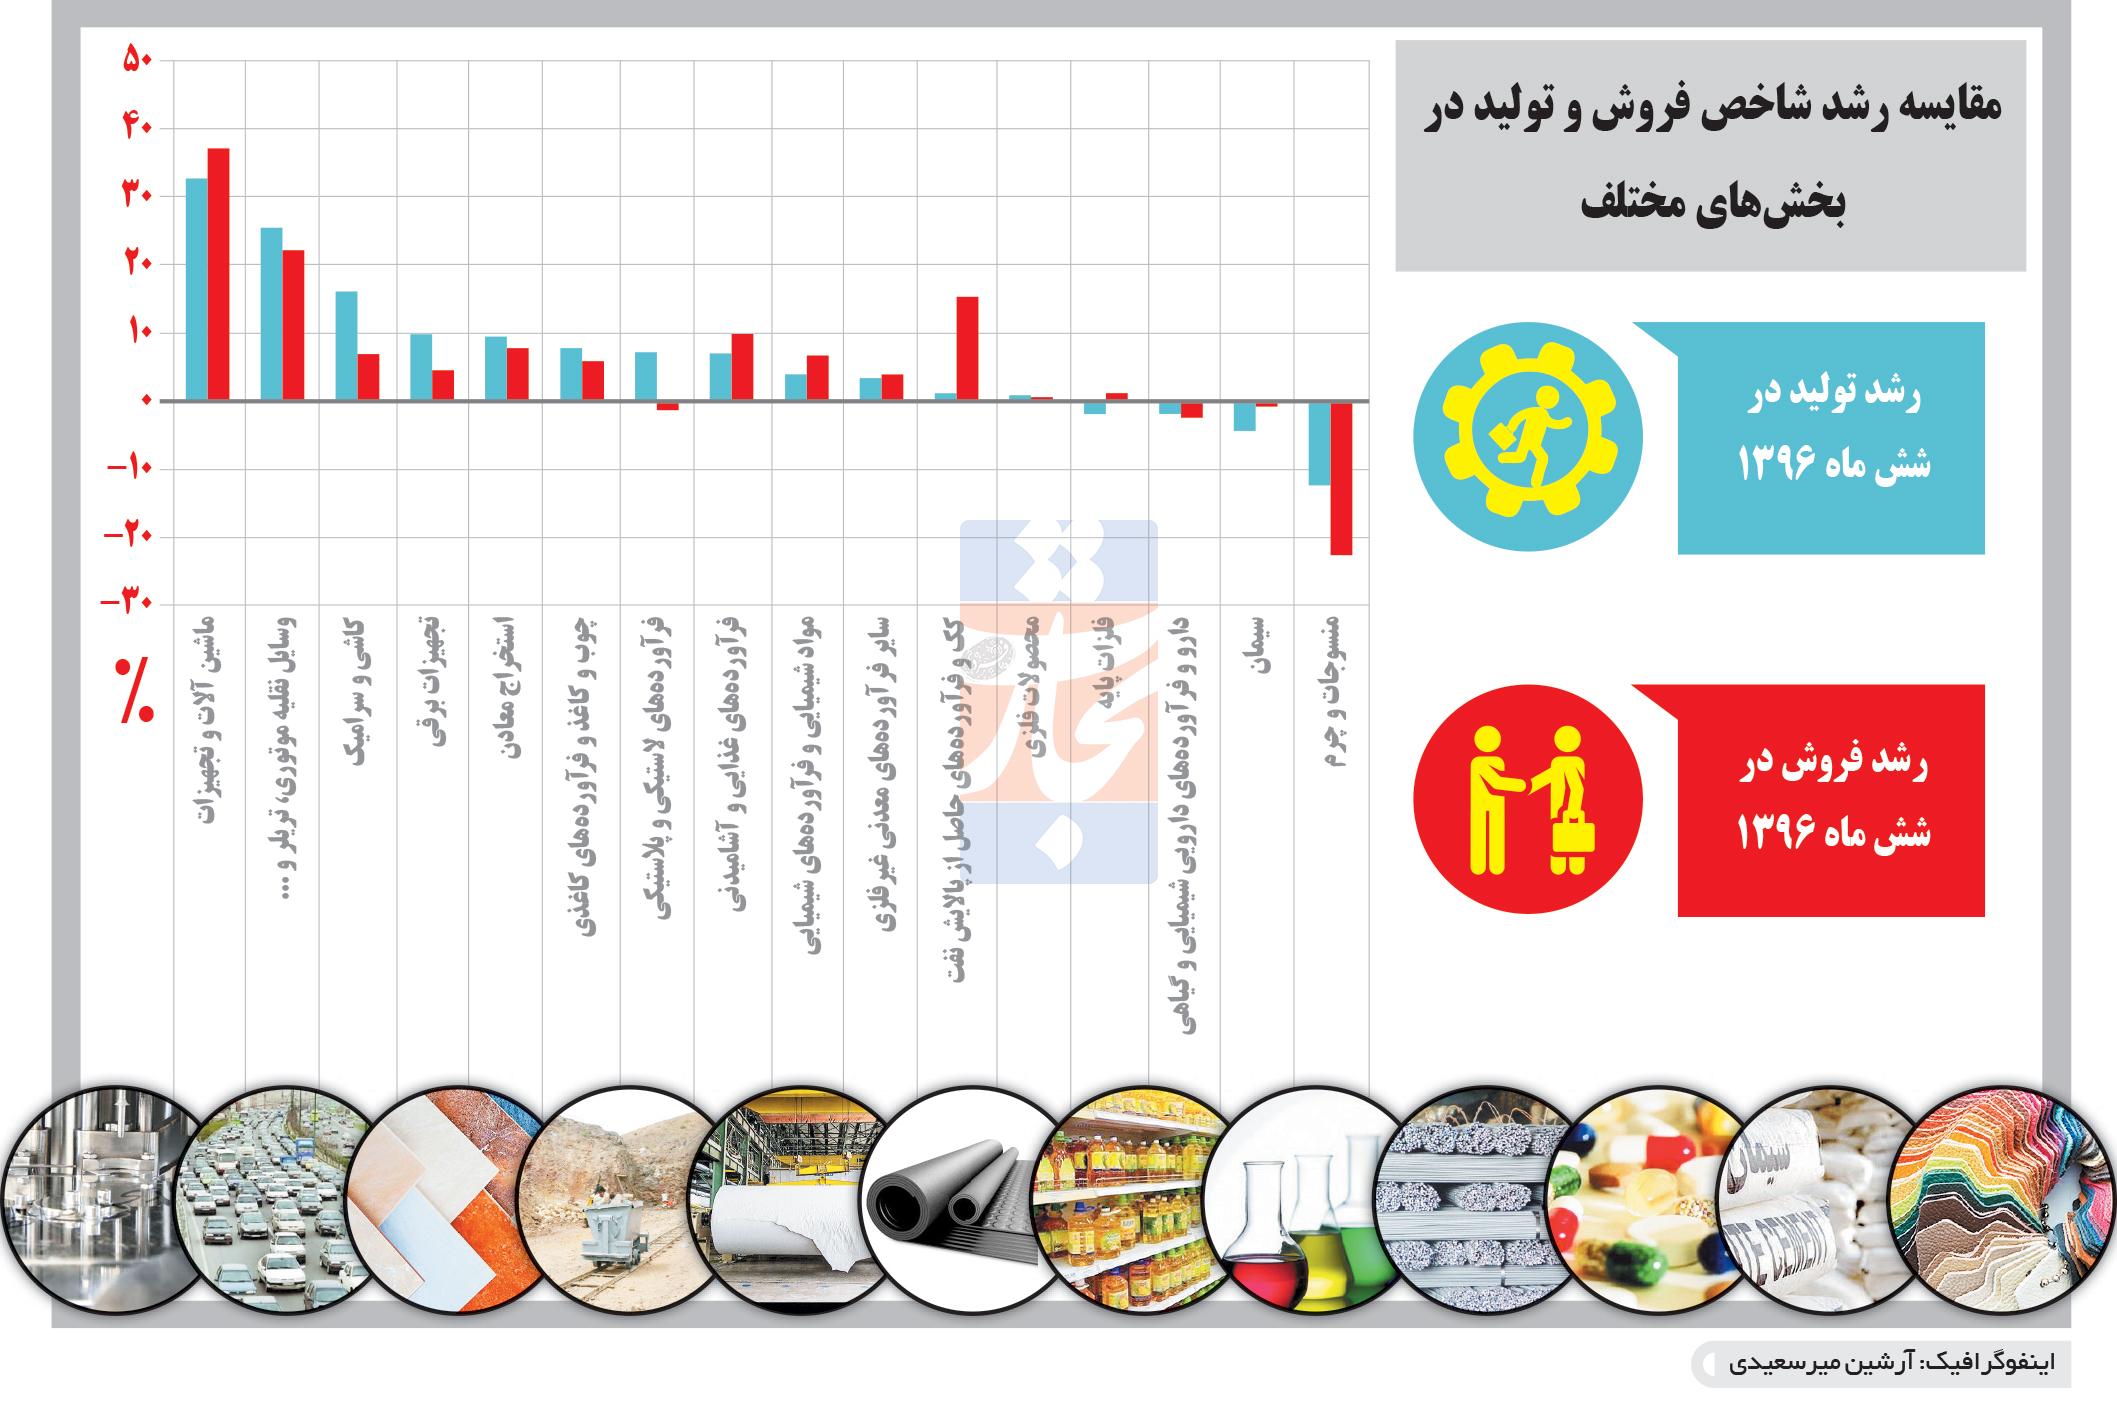 تجارت- فردا- مقایسه رشد شاخص فروش و تولید در بخشهای مختلف(اینفوگرافیک)